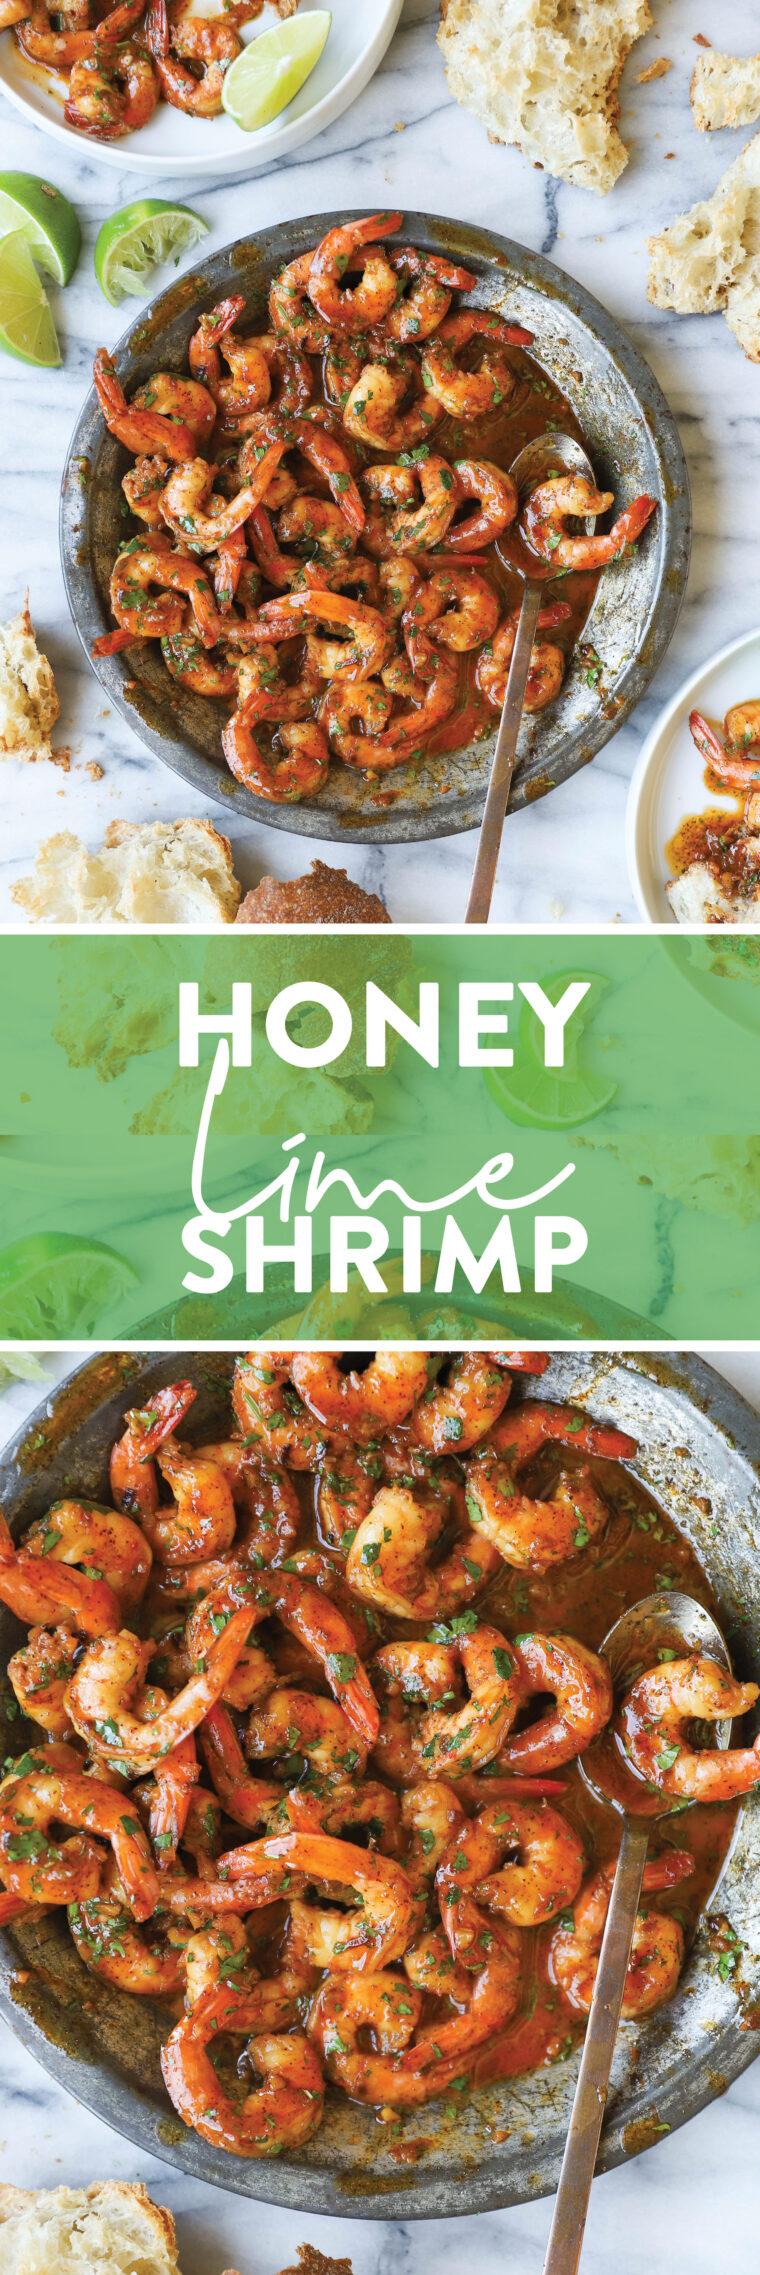 Креветки с медом и лаймом - супер пикантные, чесночные, сладкие и острые!  И он будет на вашем обеденном столе всего за 20 МИНУТ!  Так быстро и так хорошо.